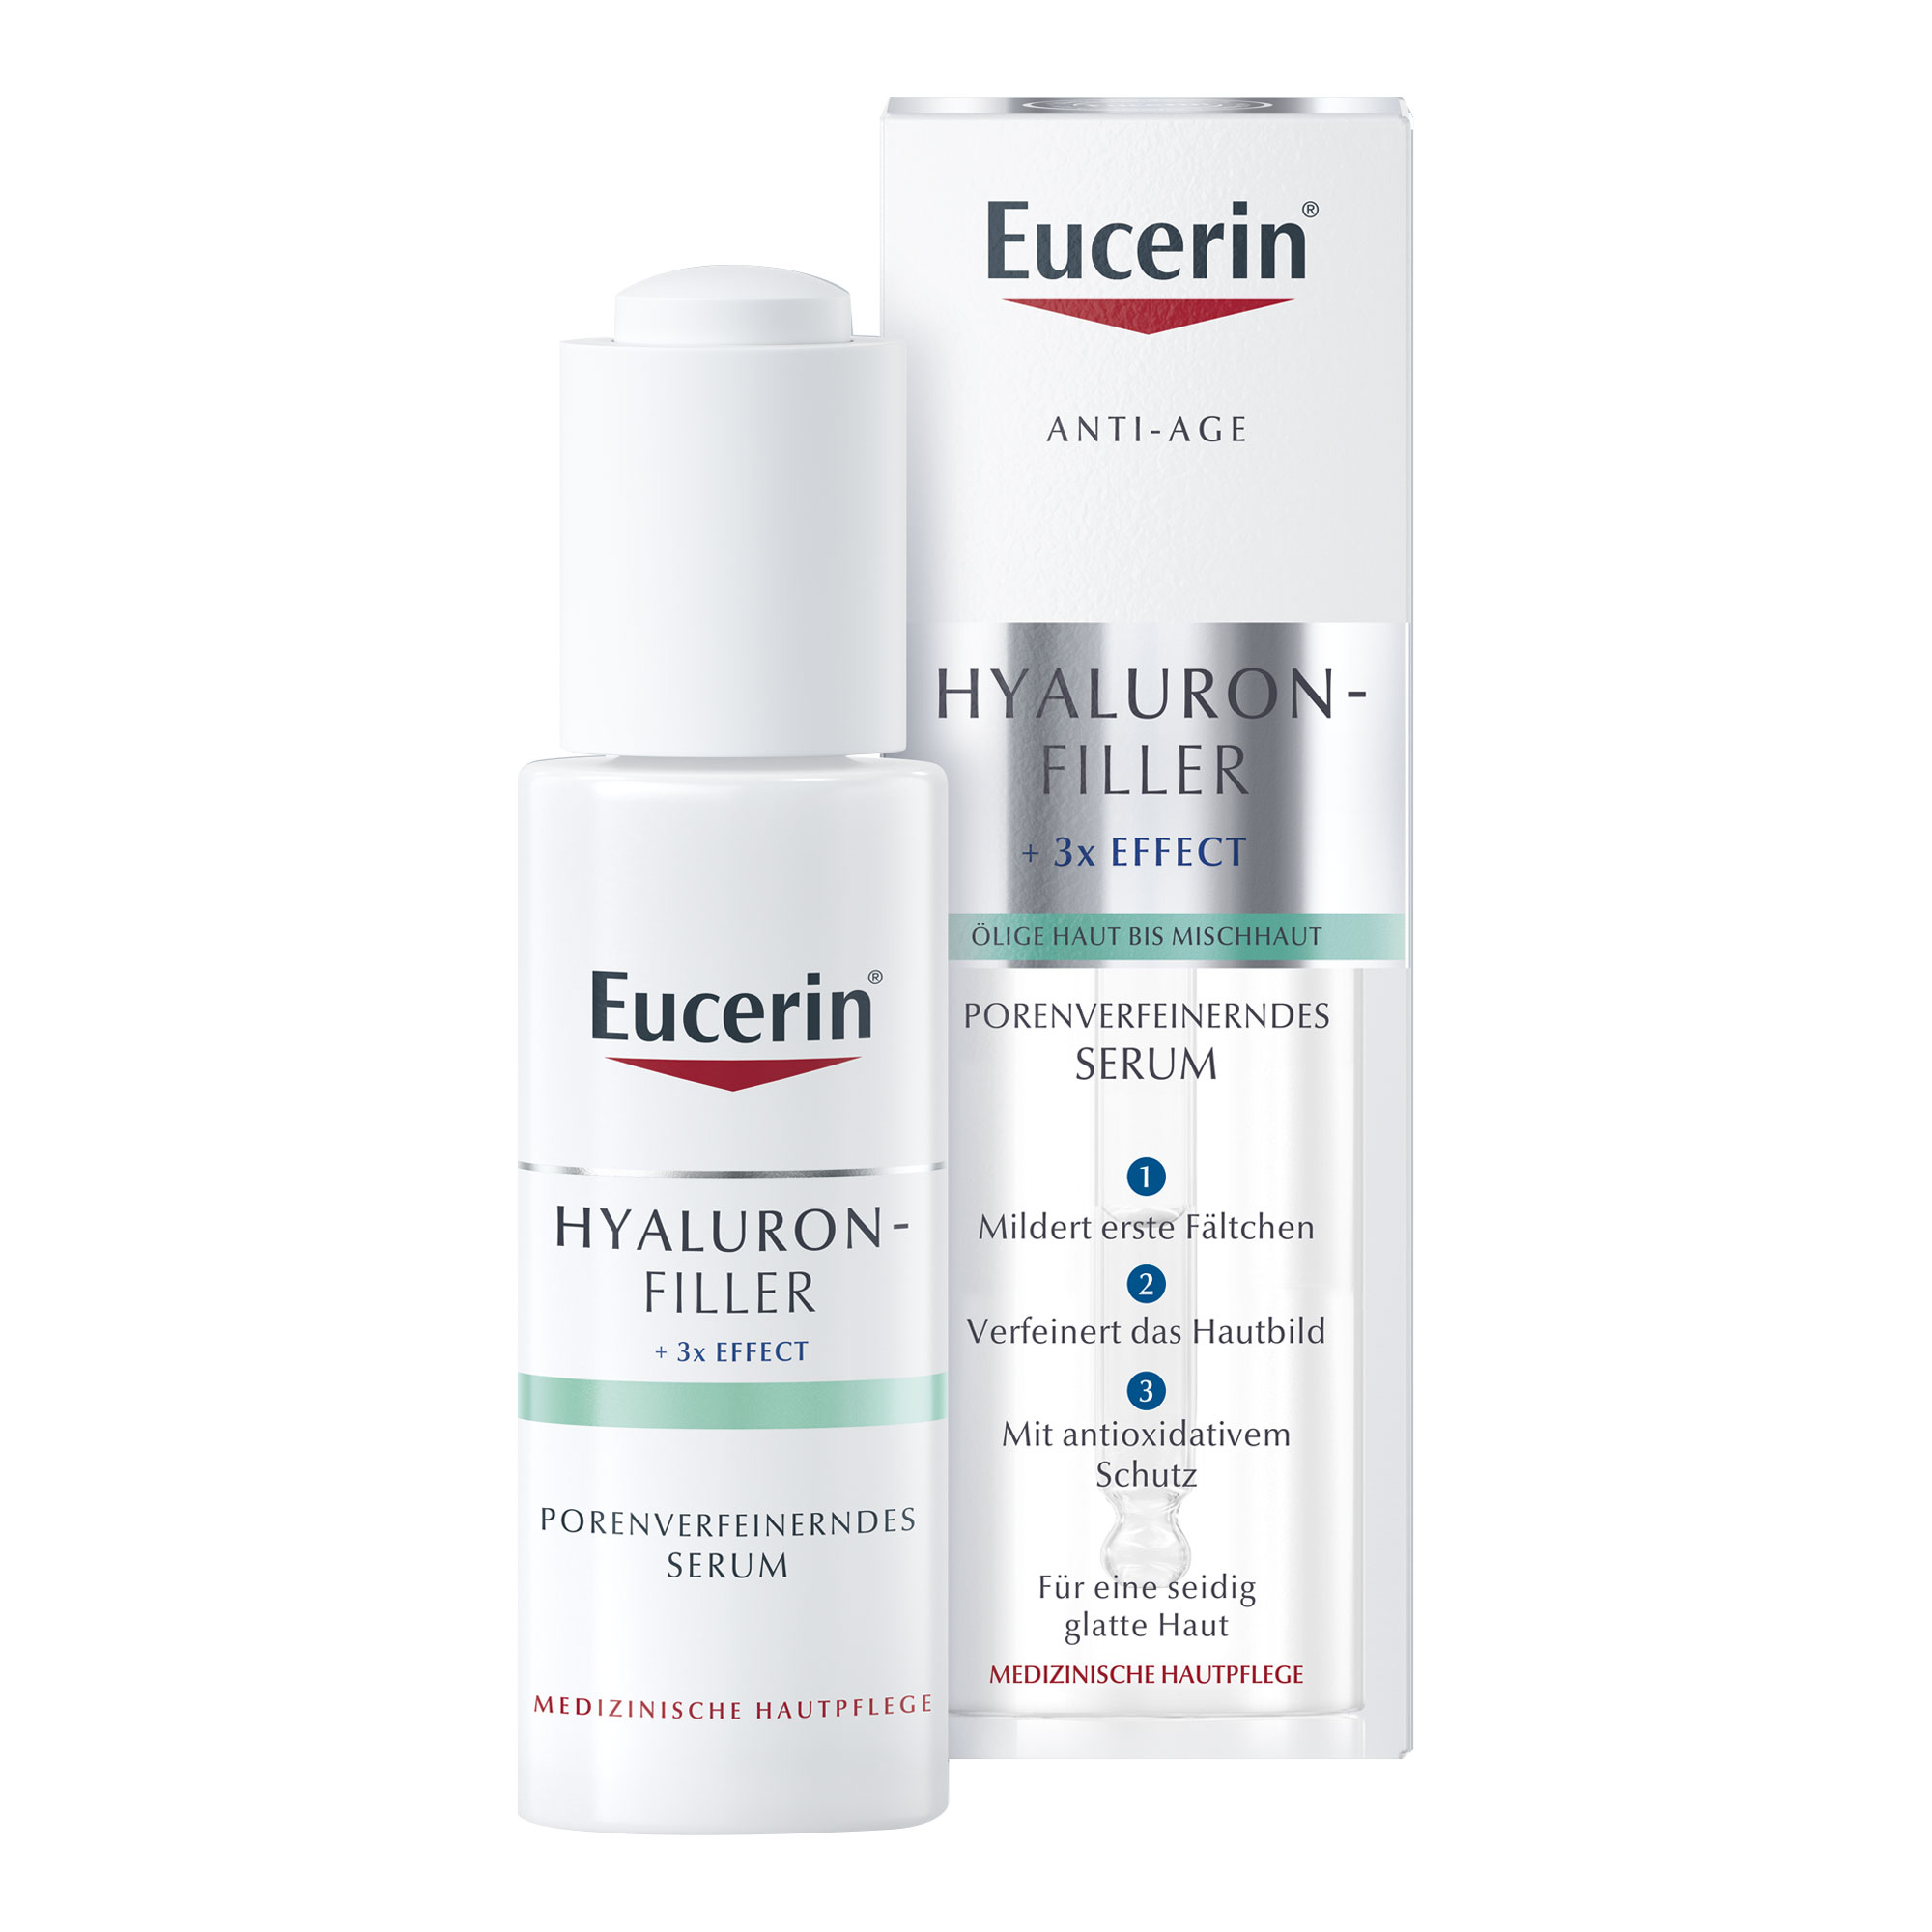 Eucerin Anti-Age HYALURON-FILLER porenverfeinerndes Serum